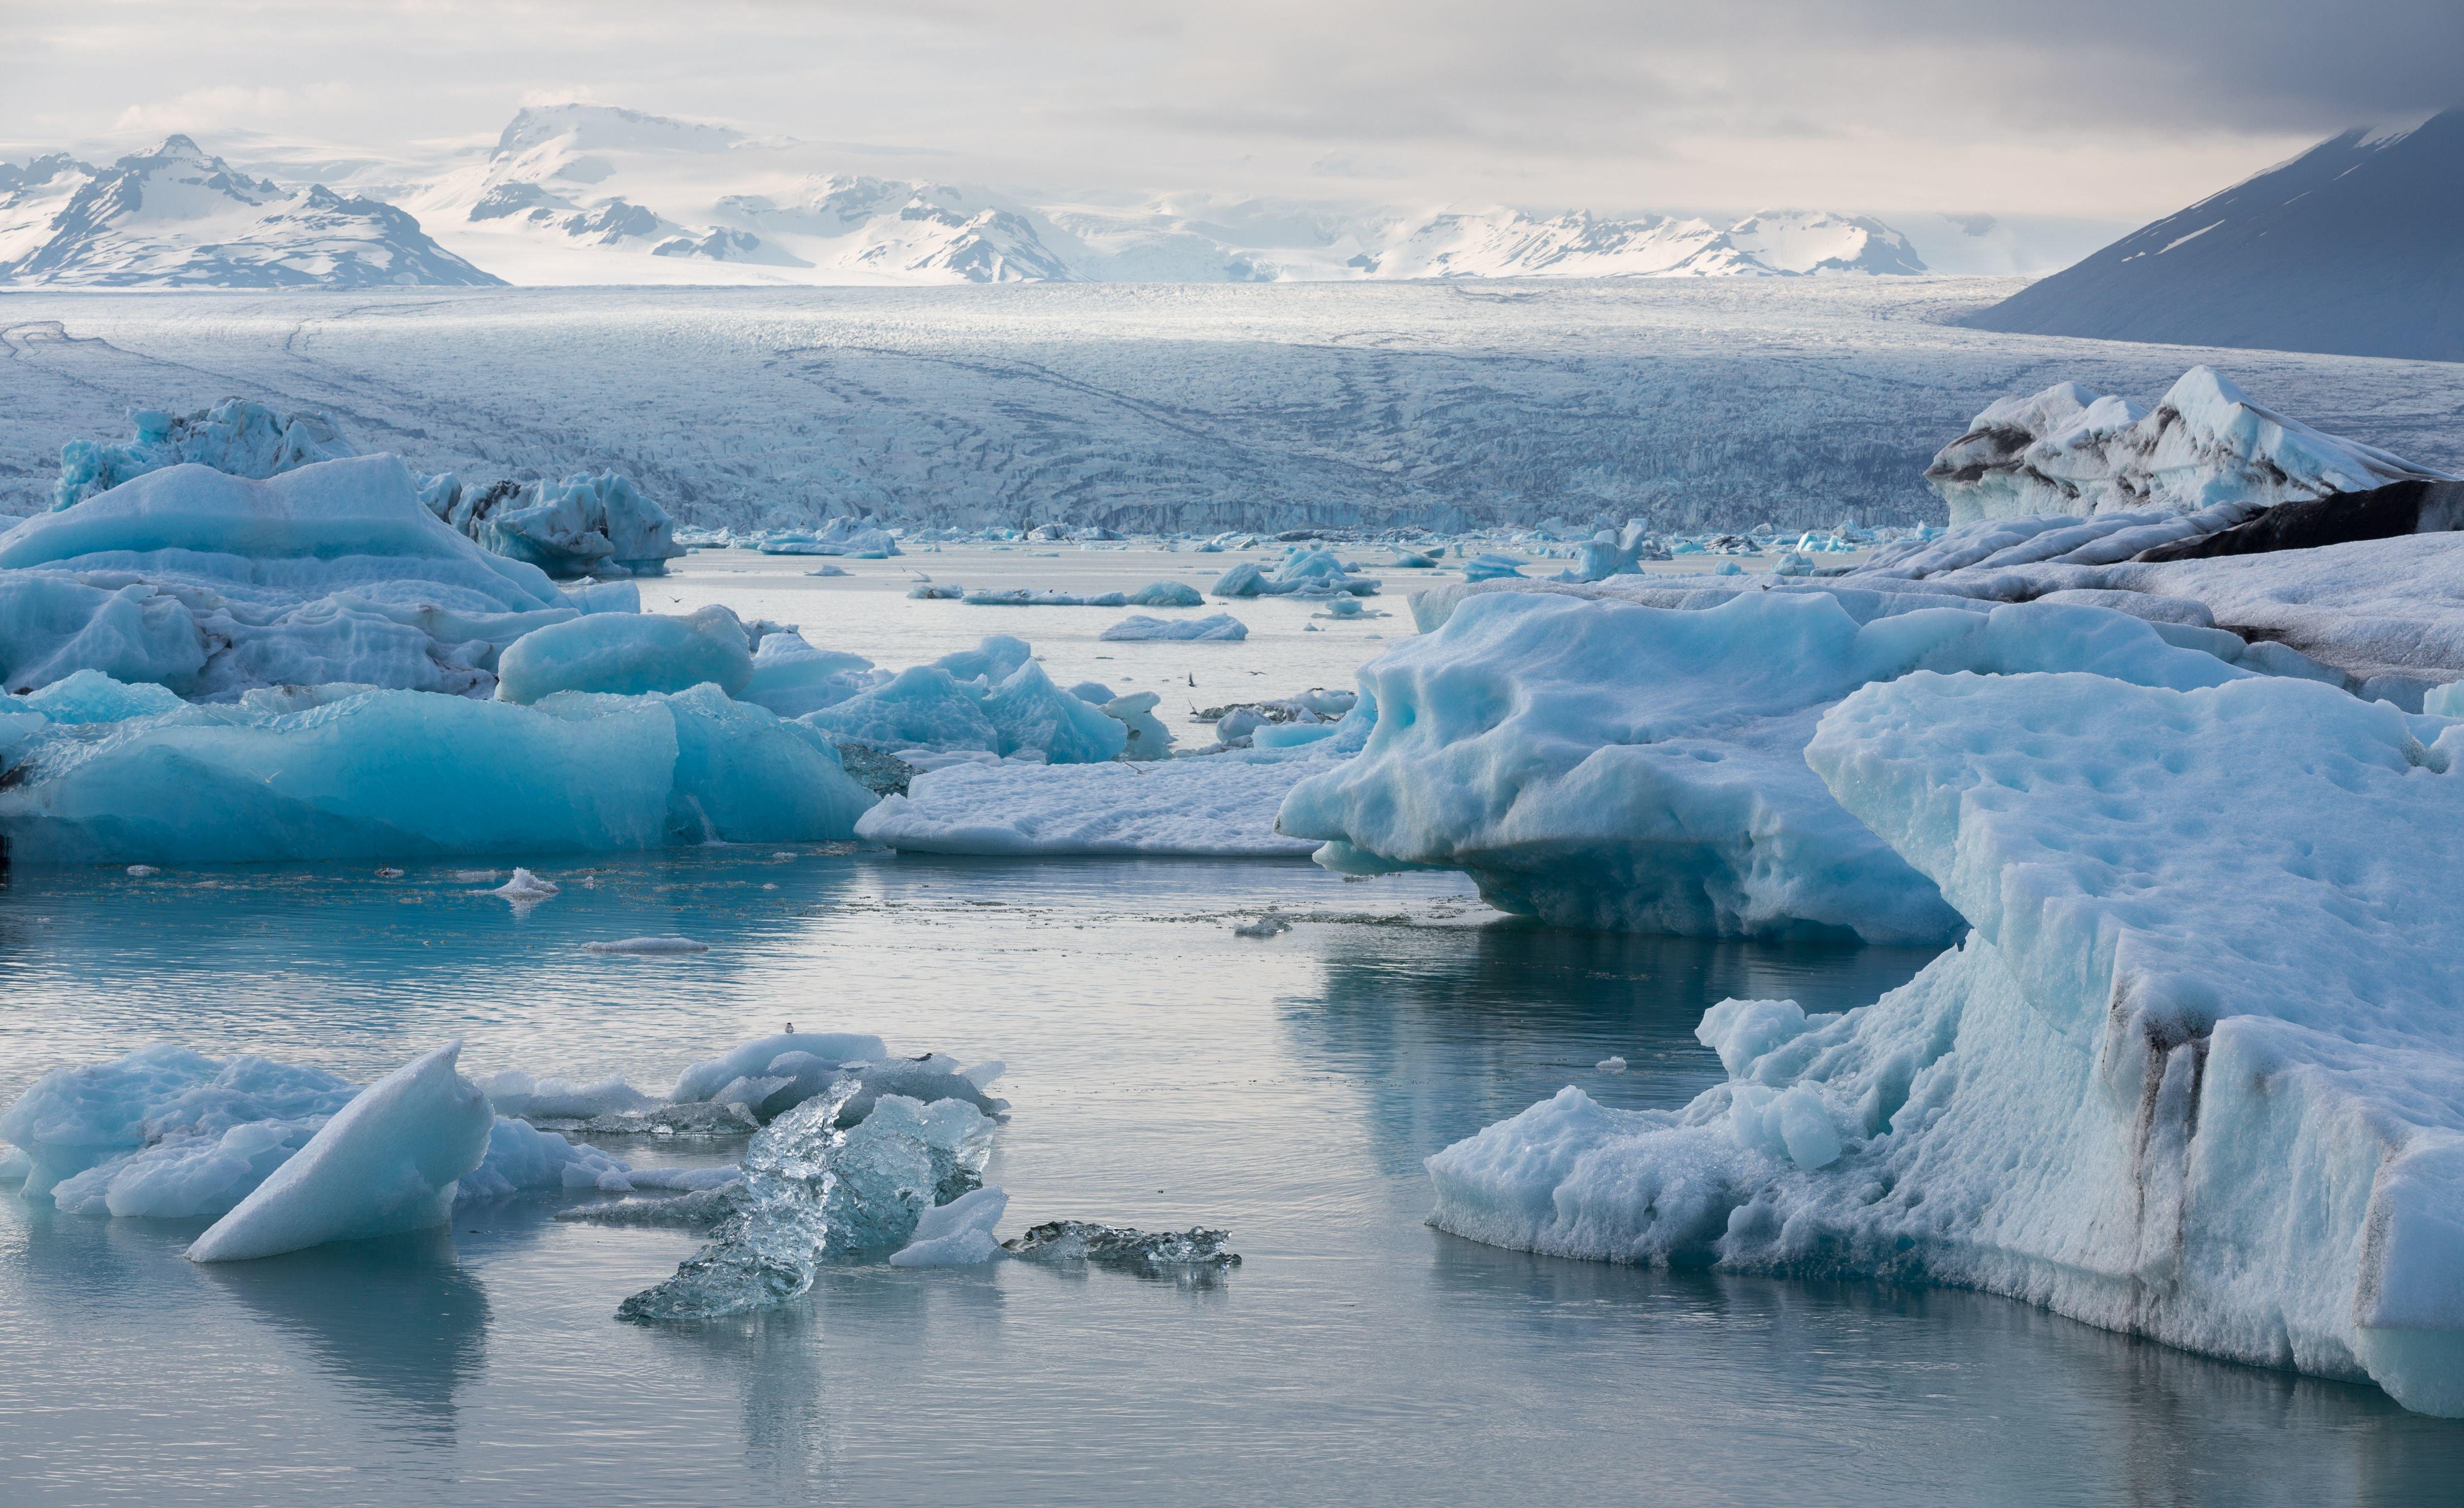 Ученый: Арктические льды дойдут до Мурманска через 5-10 лет